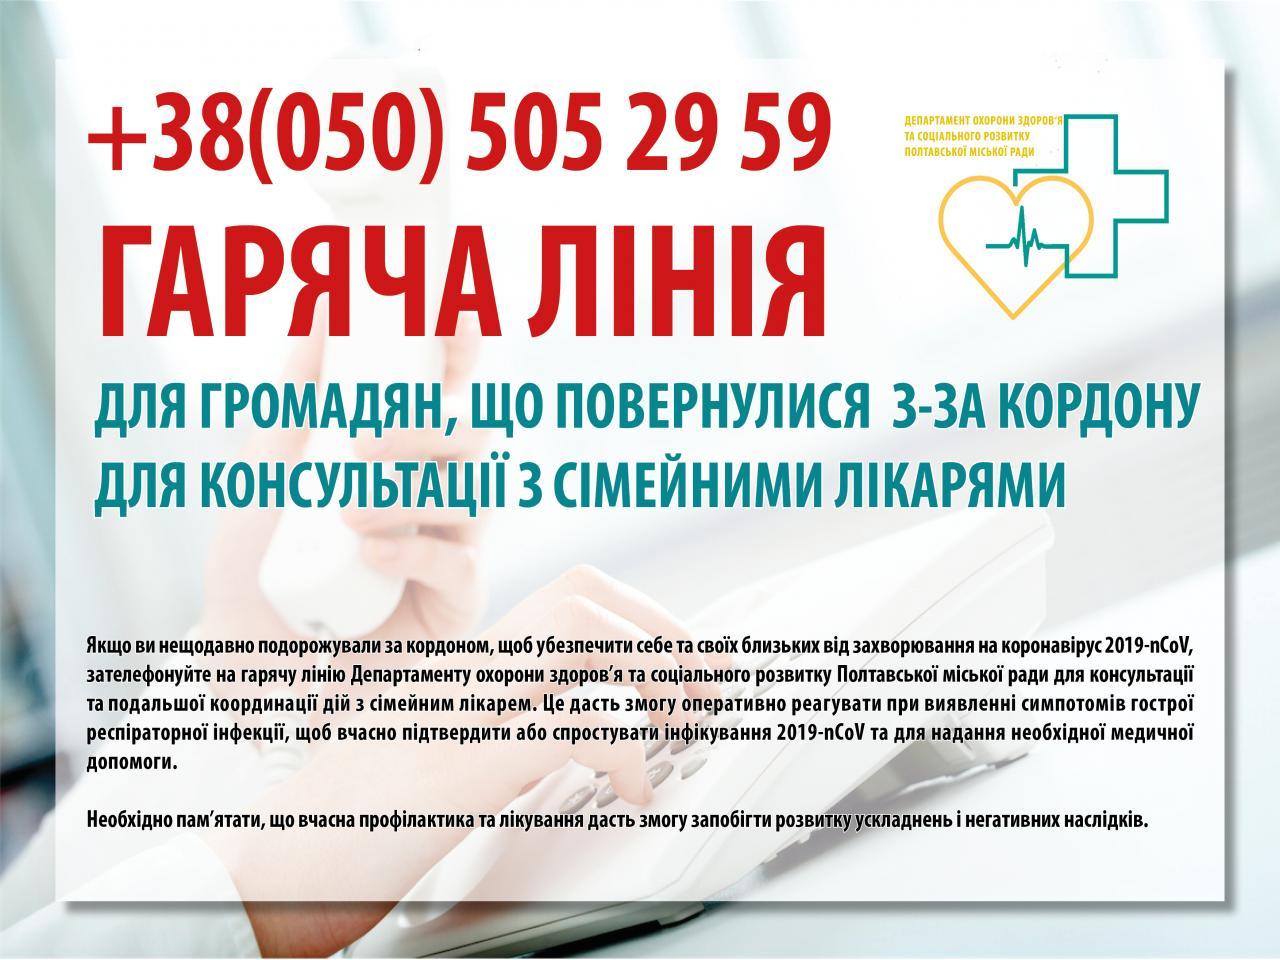 http://dunrada.gov.ua/uploadfile/archive_news/2020/03/16/2020-03-16_803/images/images-82743.jpg